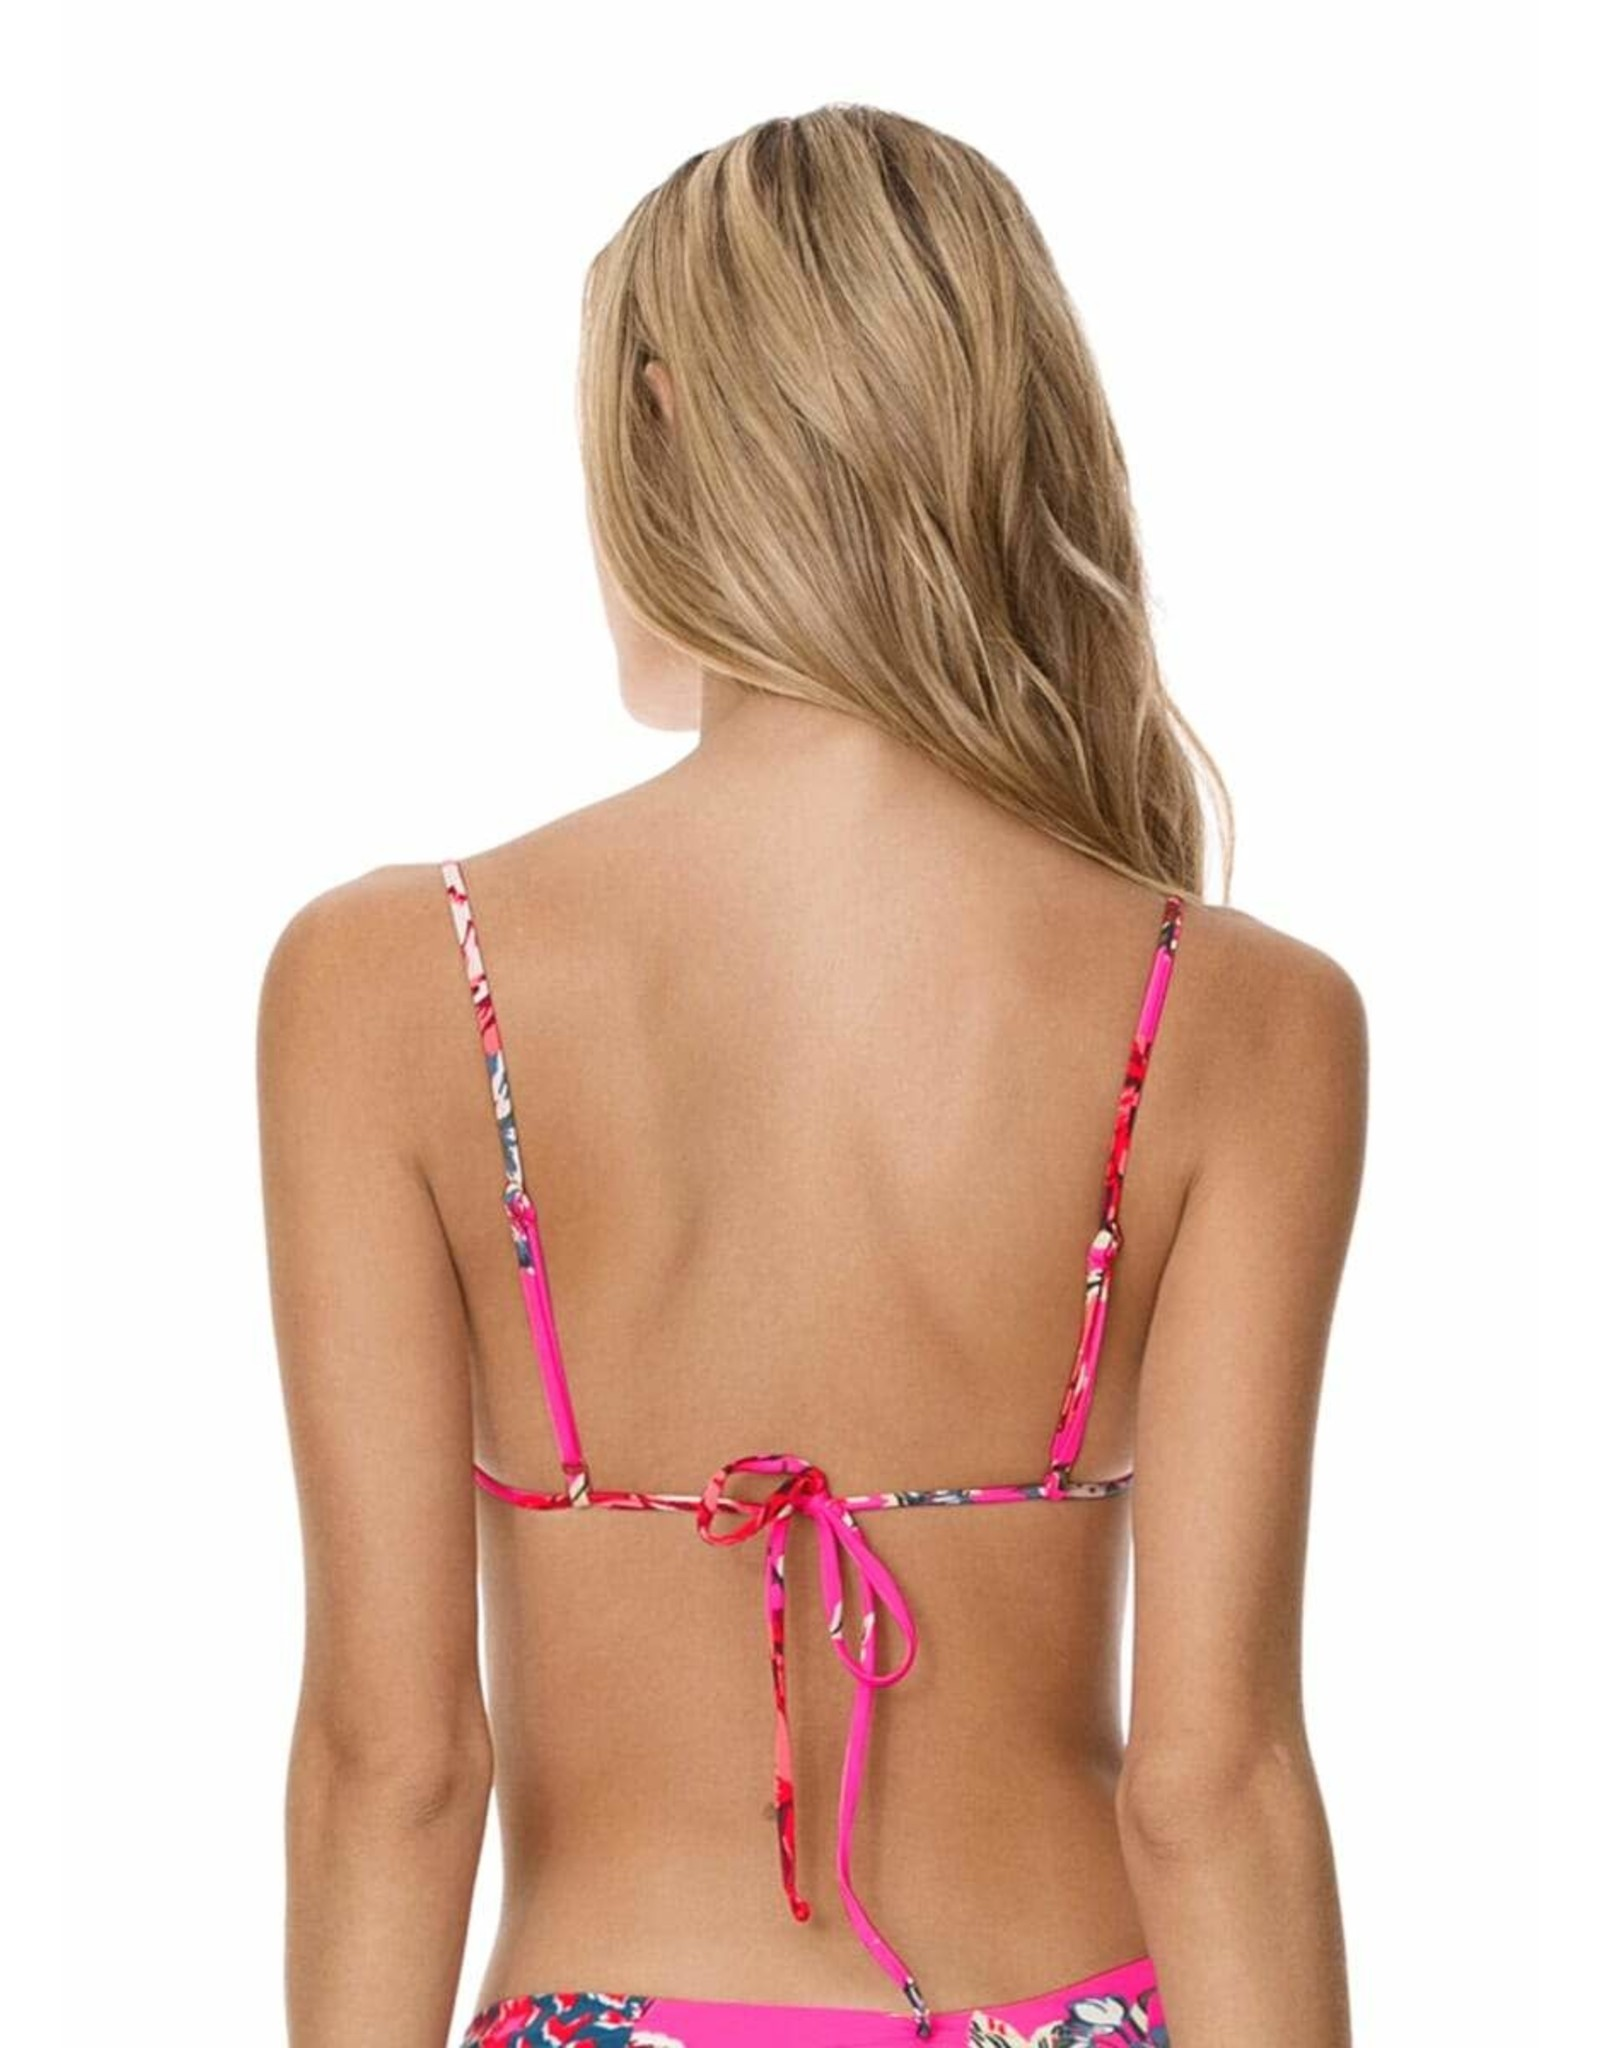 Maaji The Greatest Estelle Ruffle Triangle Bikini Top